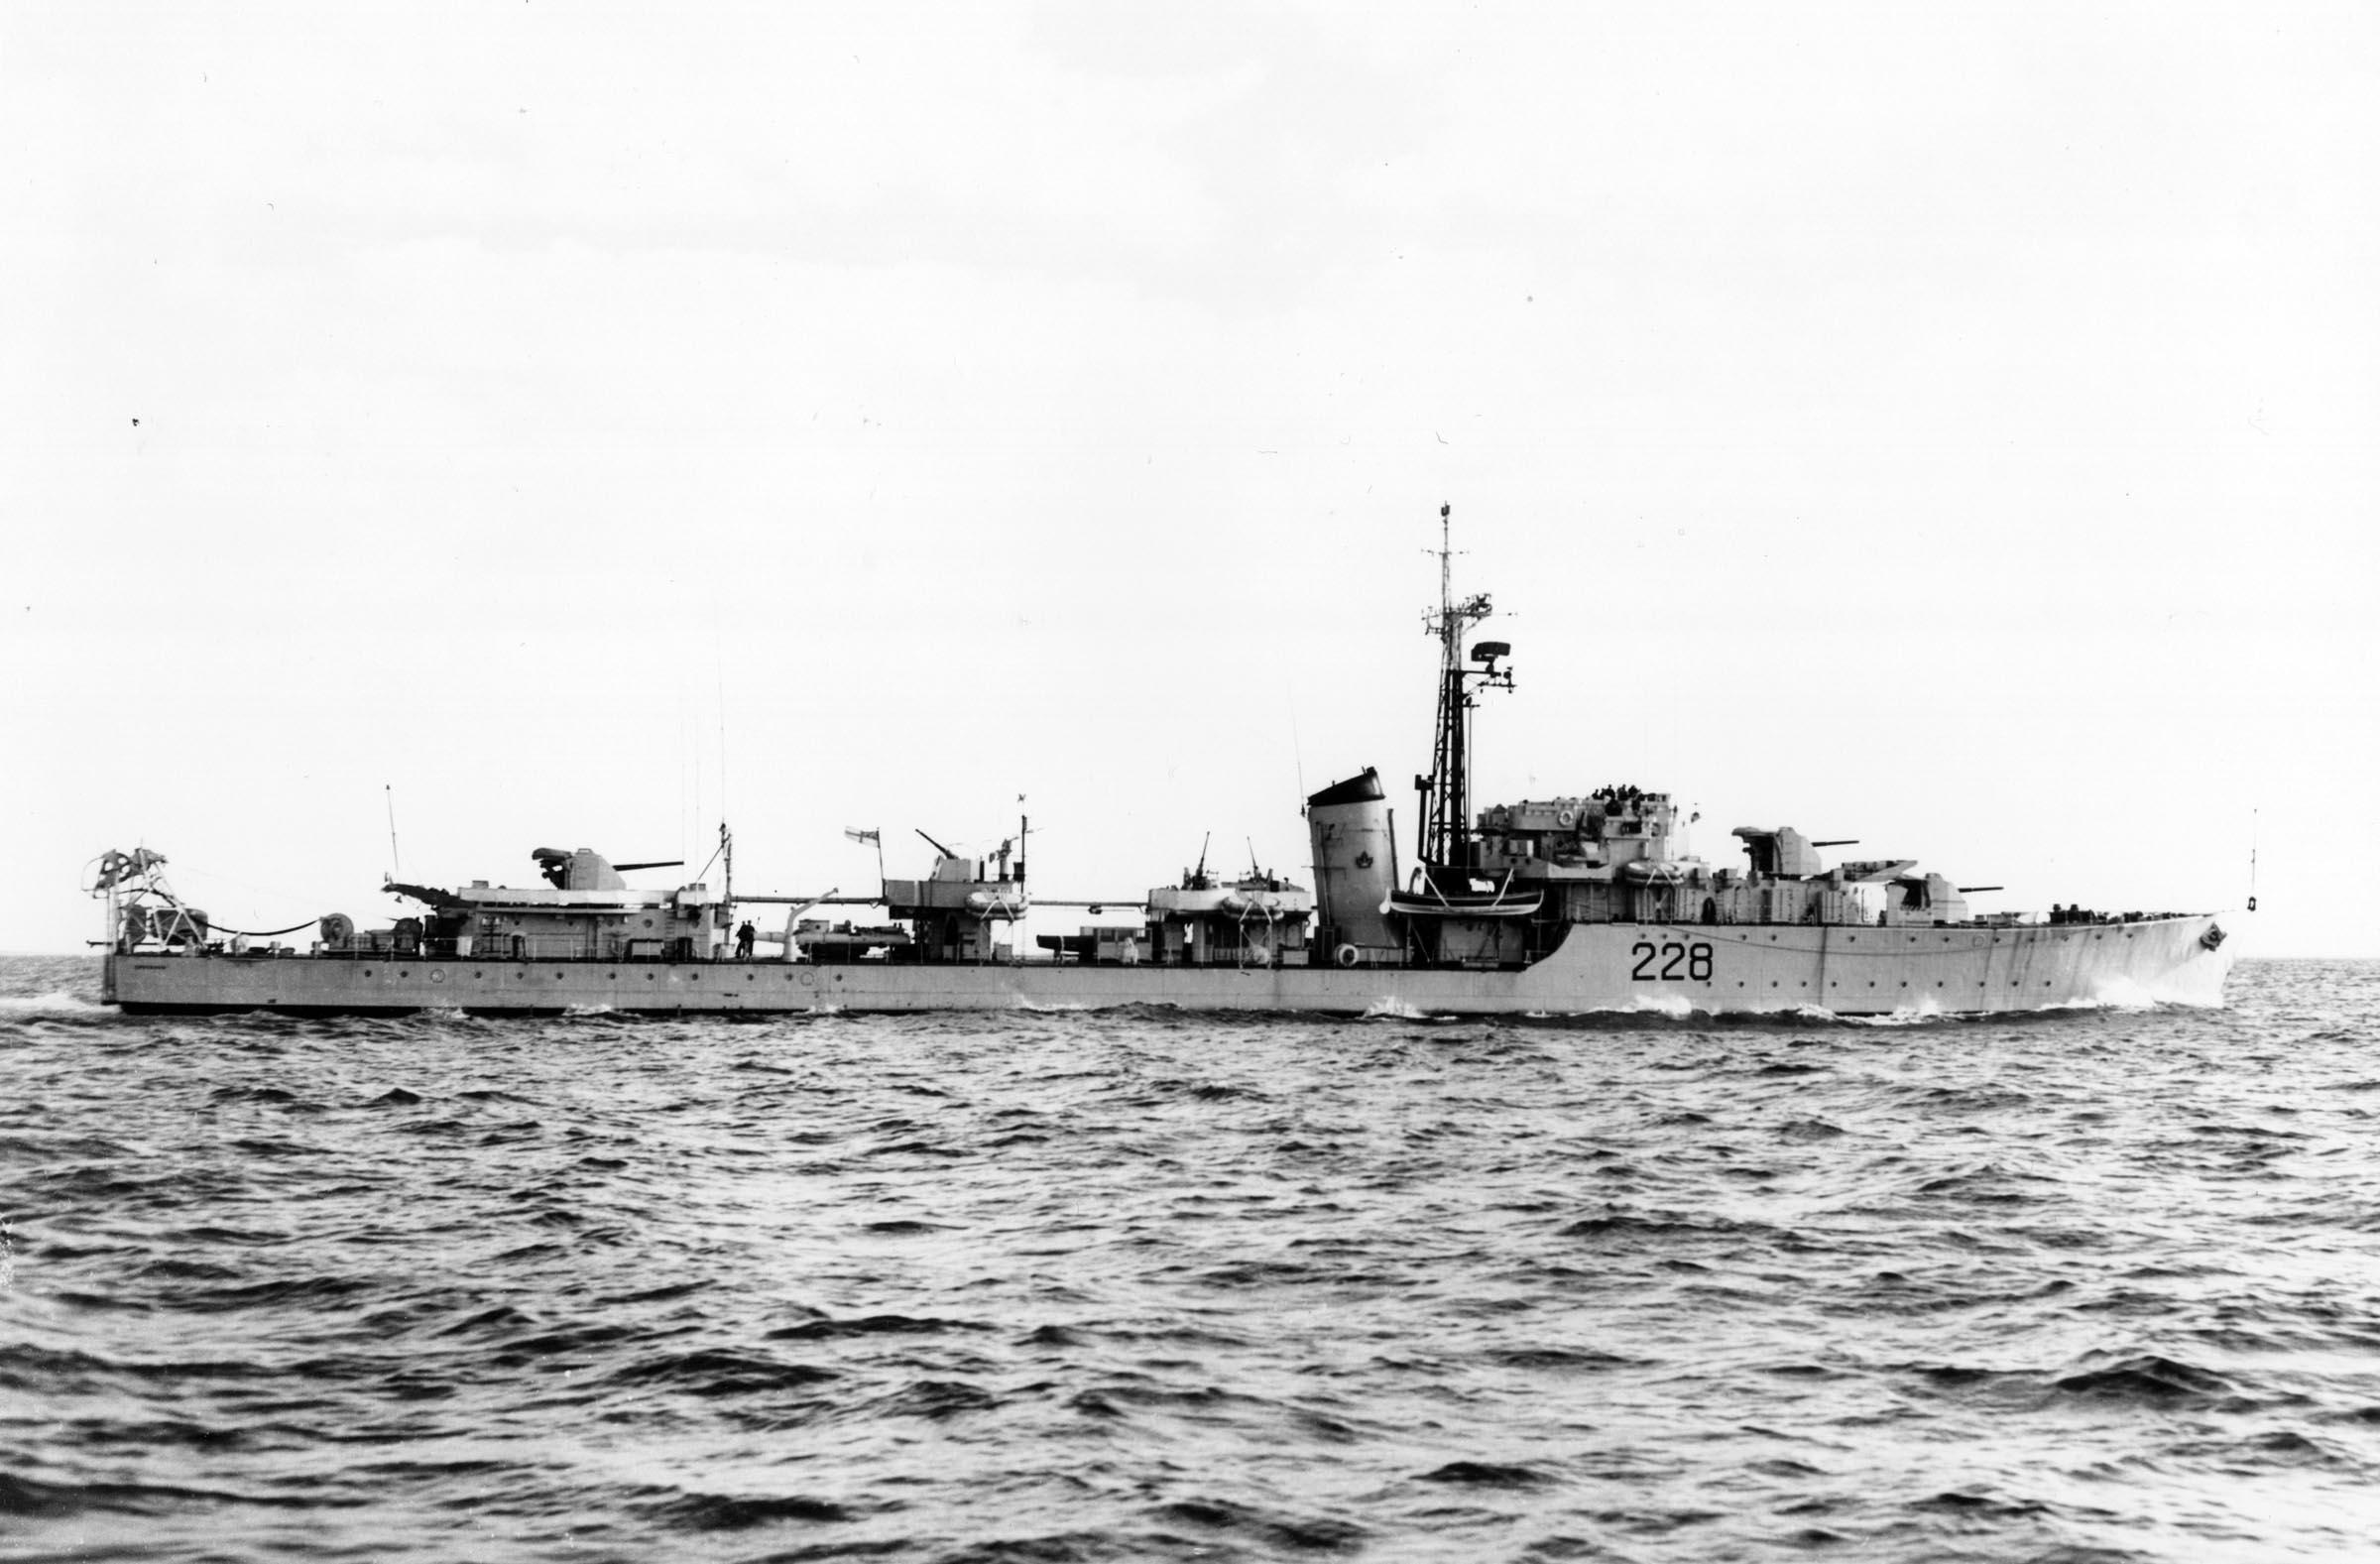 HMCS CRUSADER